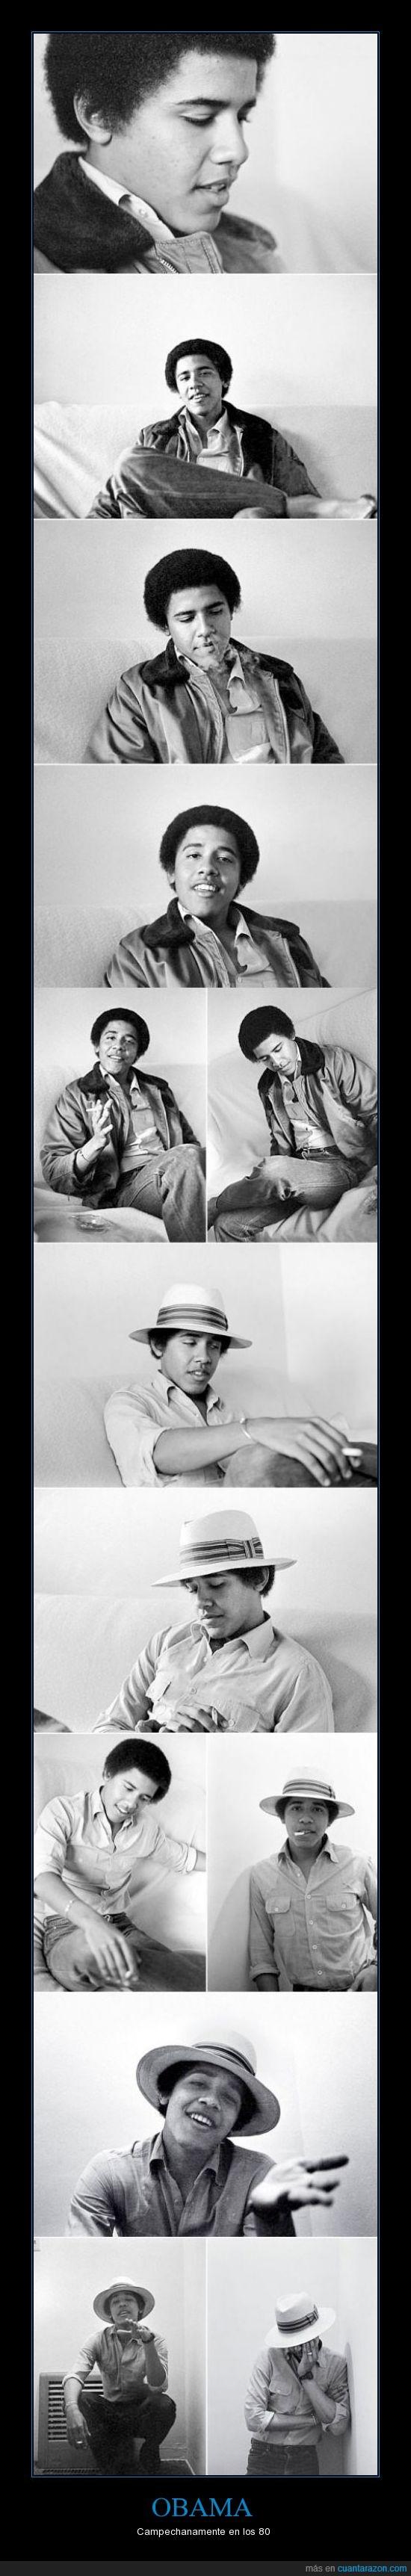 1980,chilling,eeuu,elecciones,obama,presidente,usa